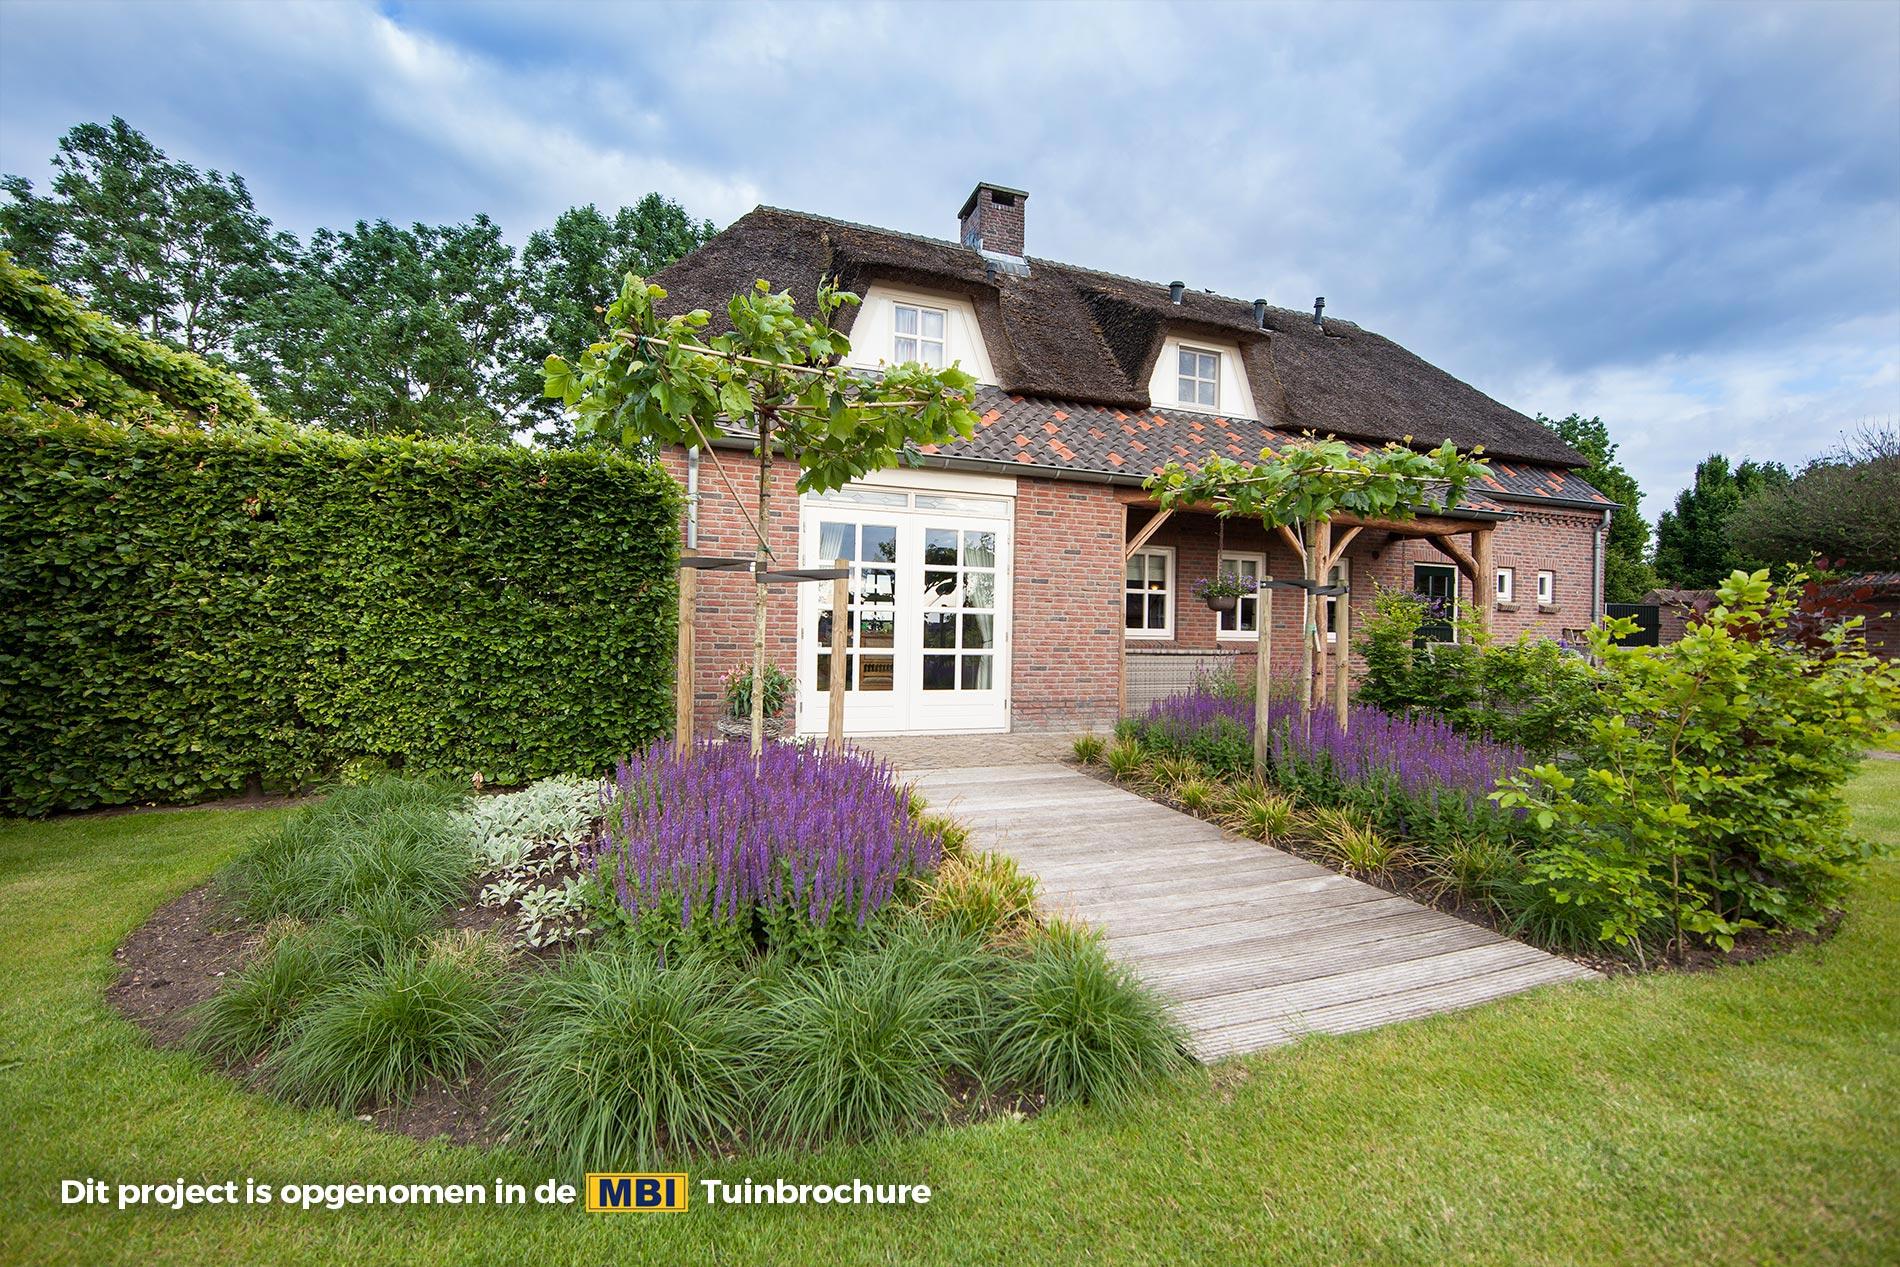 De groot hoveniers hoveniersbedrijf voor tuininspiratie